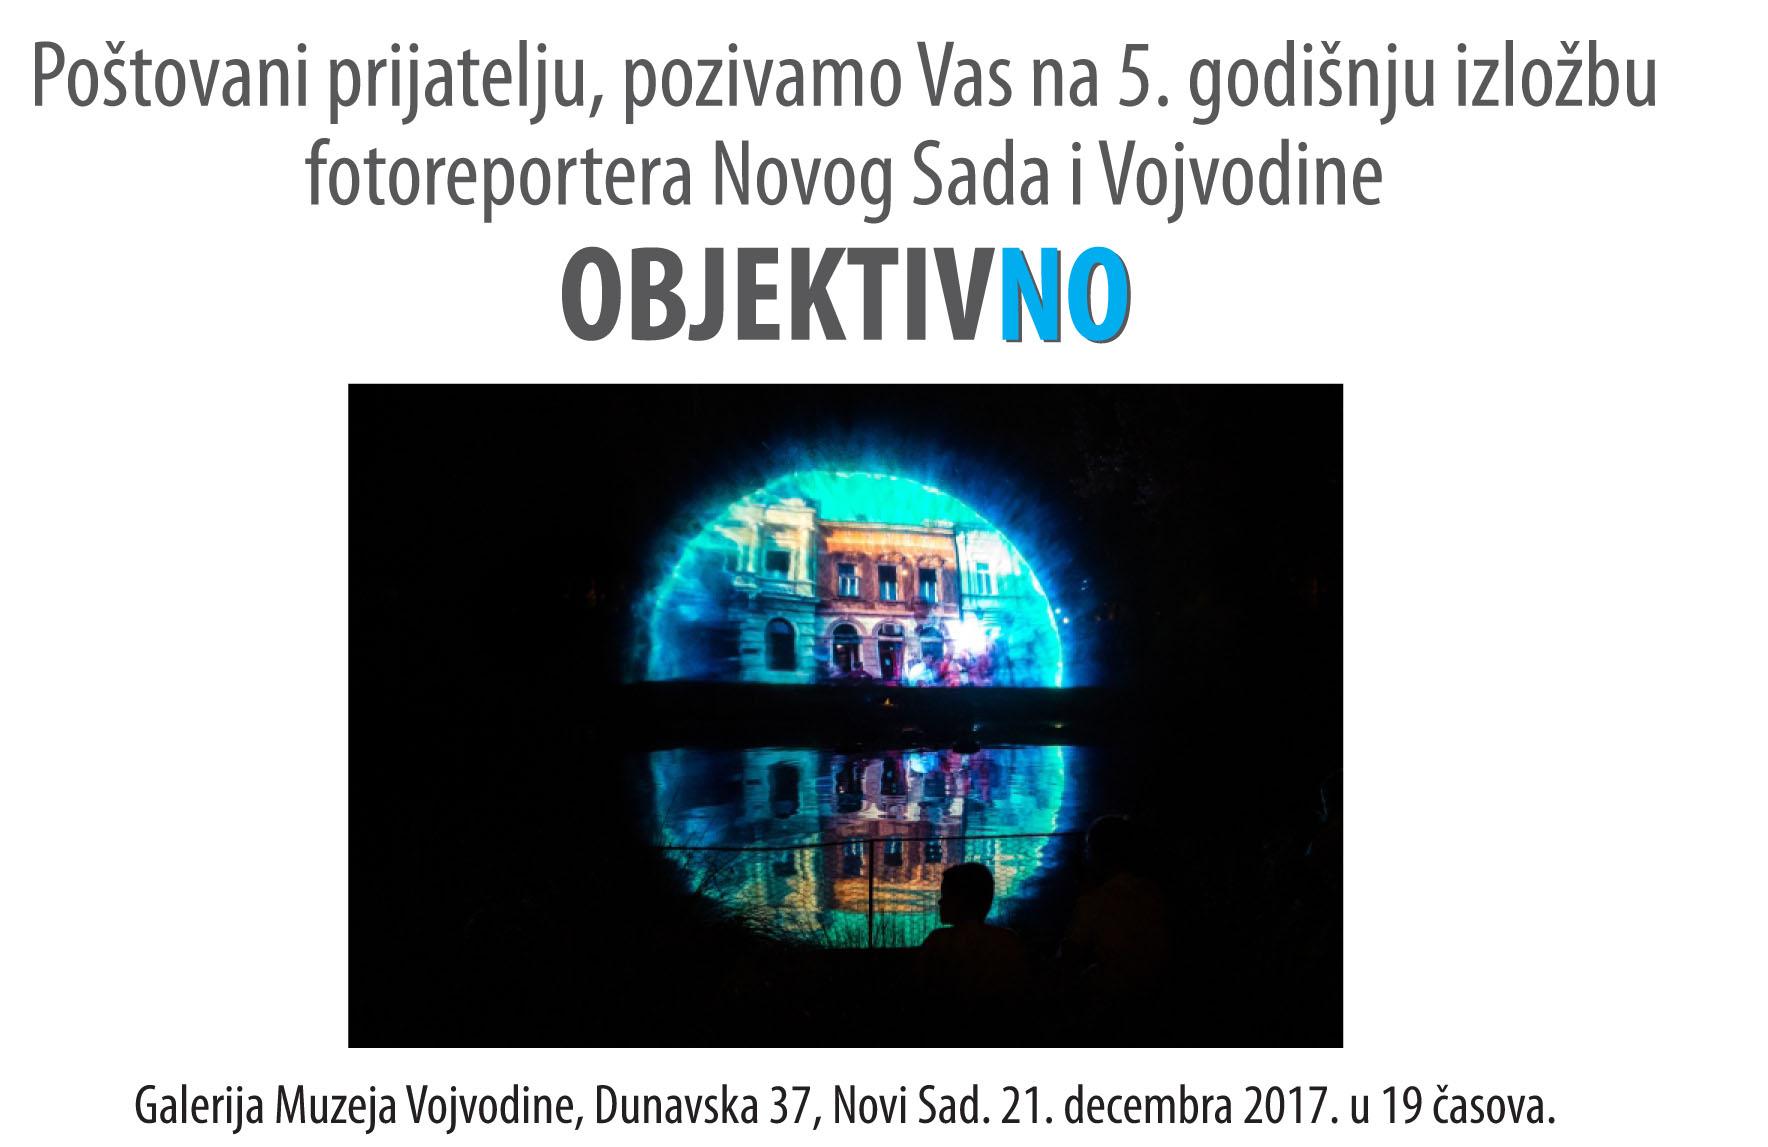 Fotoreporterska novogodišnja izložba